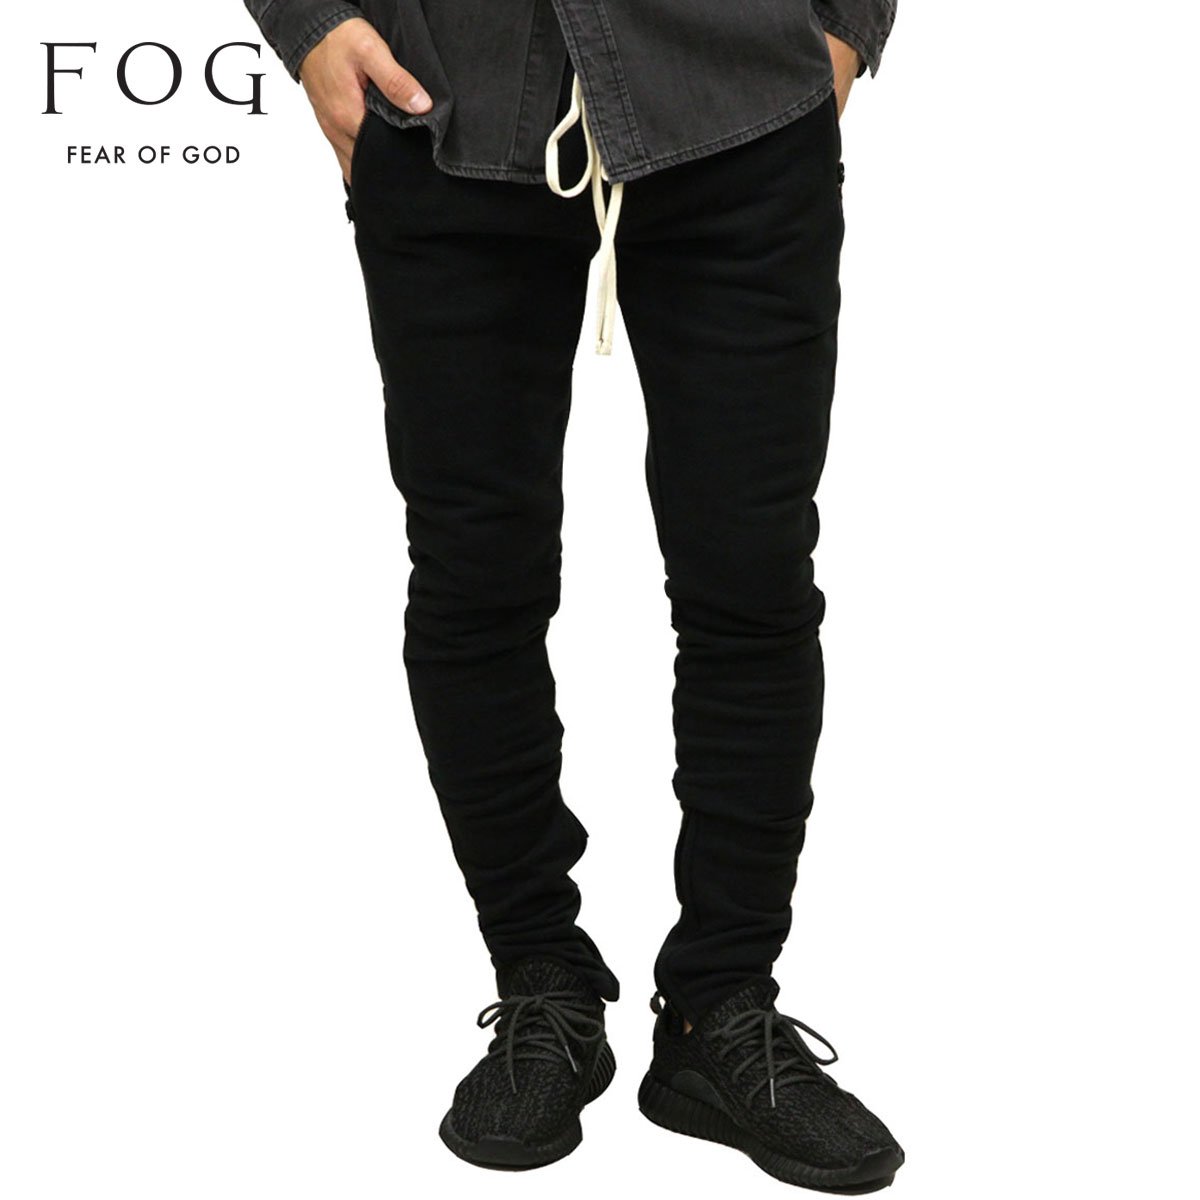 フィアオブゴッド FEAR OF GOD 正規品 メンズ ジョガーパンツ FOG - FEAR OF GOD ESSENTIALS DRAWSTRING PANTS BLACK